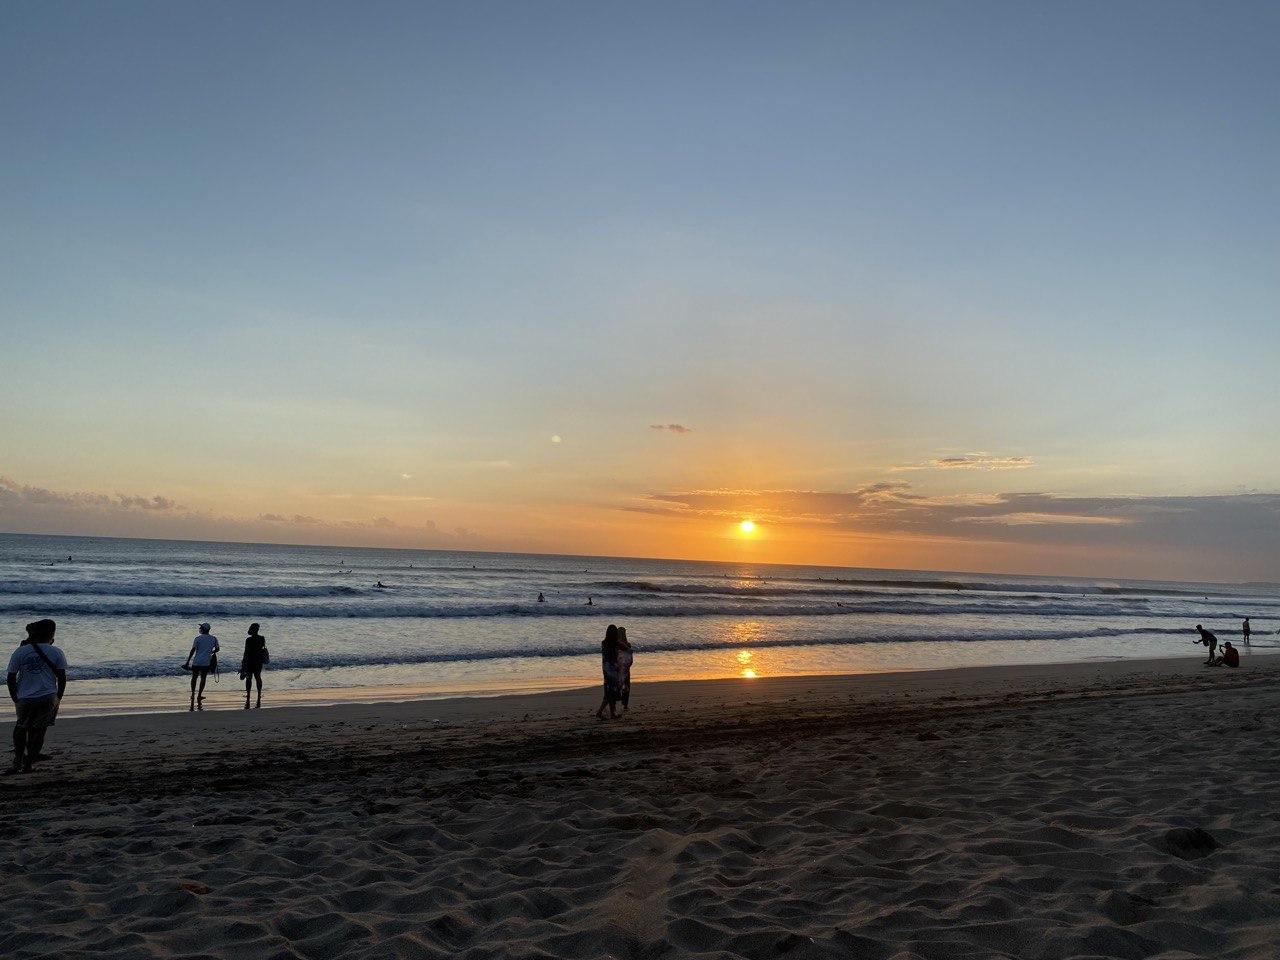 Пляж на Бали. Фото предоставлено героем интервью